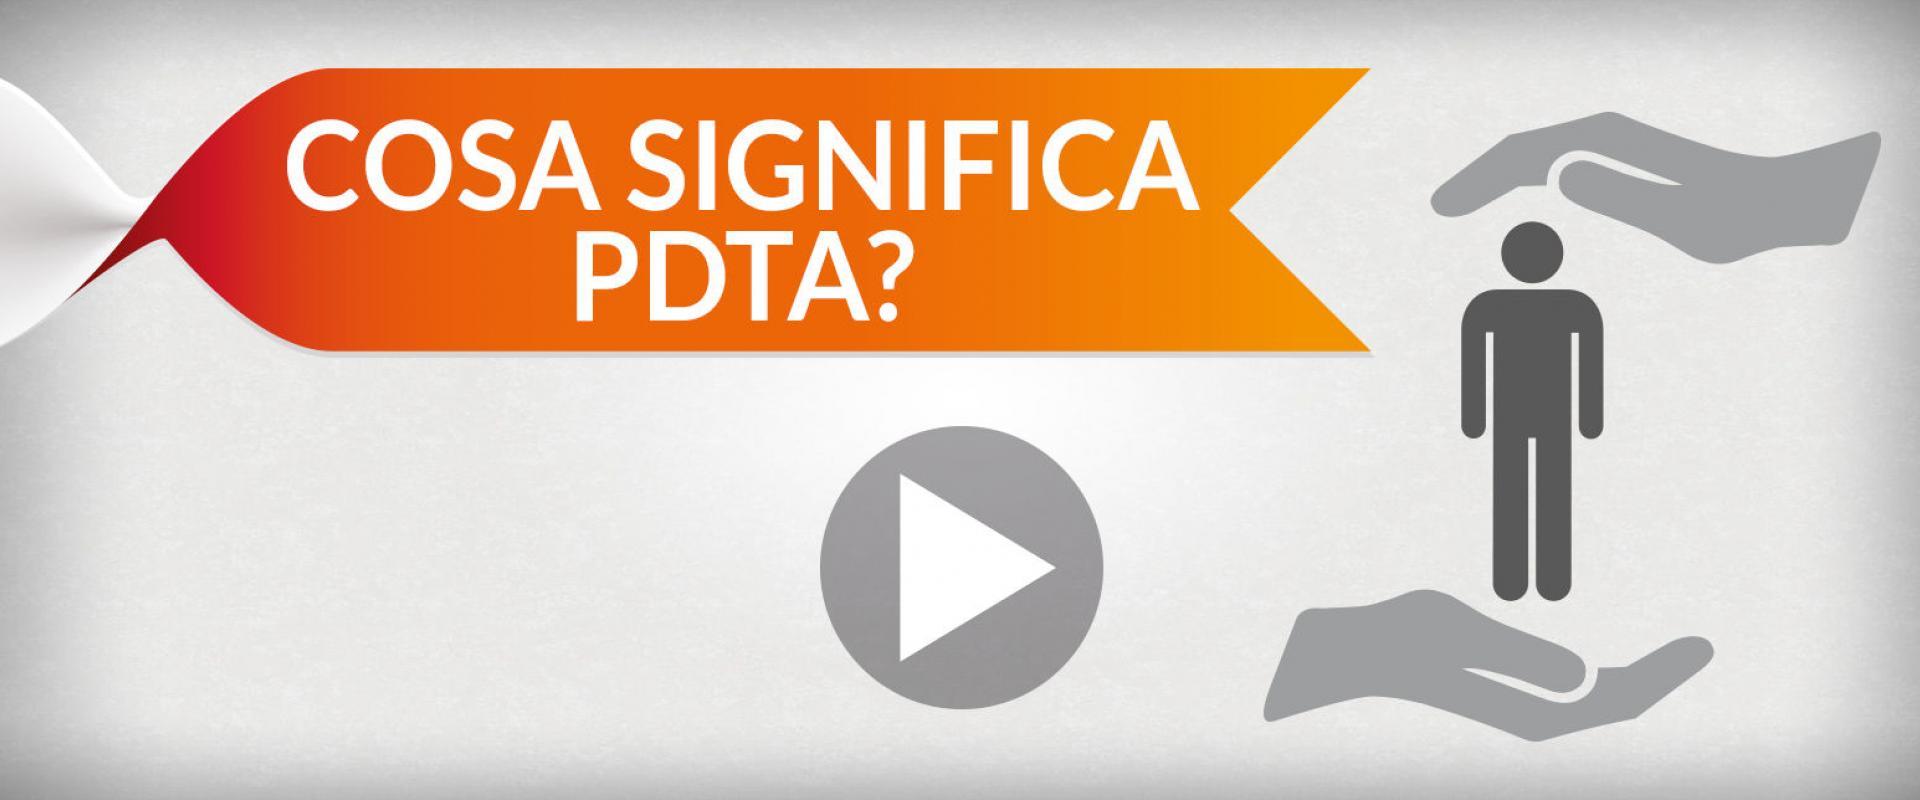 Cosa è un PDTA